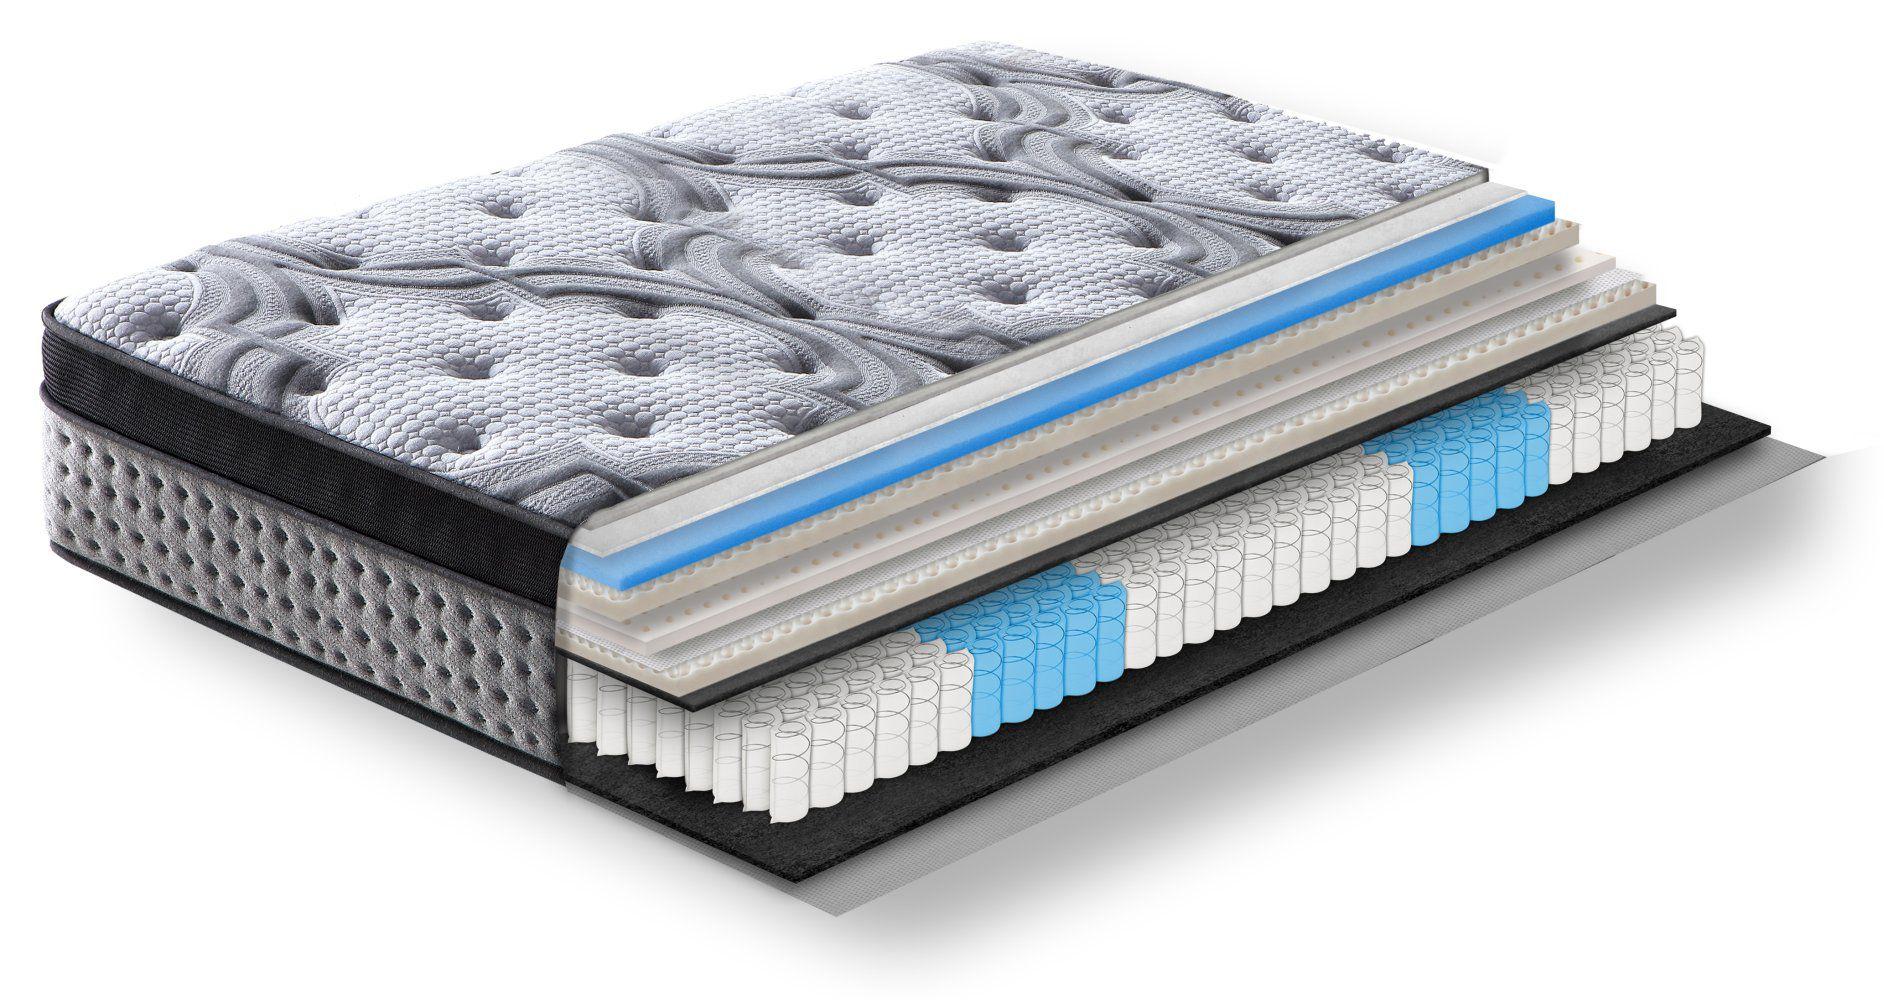 Steiner Premium Matratze Comfort mit 5-Zonen-Taschenfederkern - Größe: 90 x 200 cm, Härtegrad H3-H4, Höhe: 34 cm